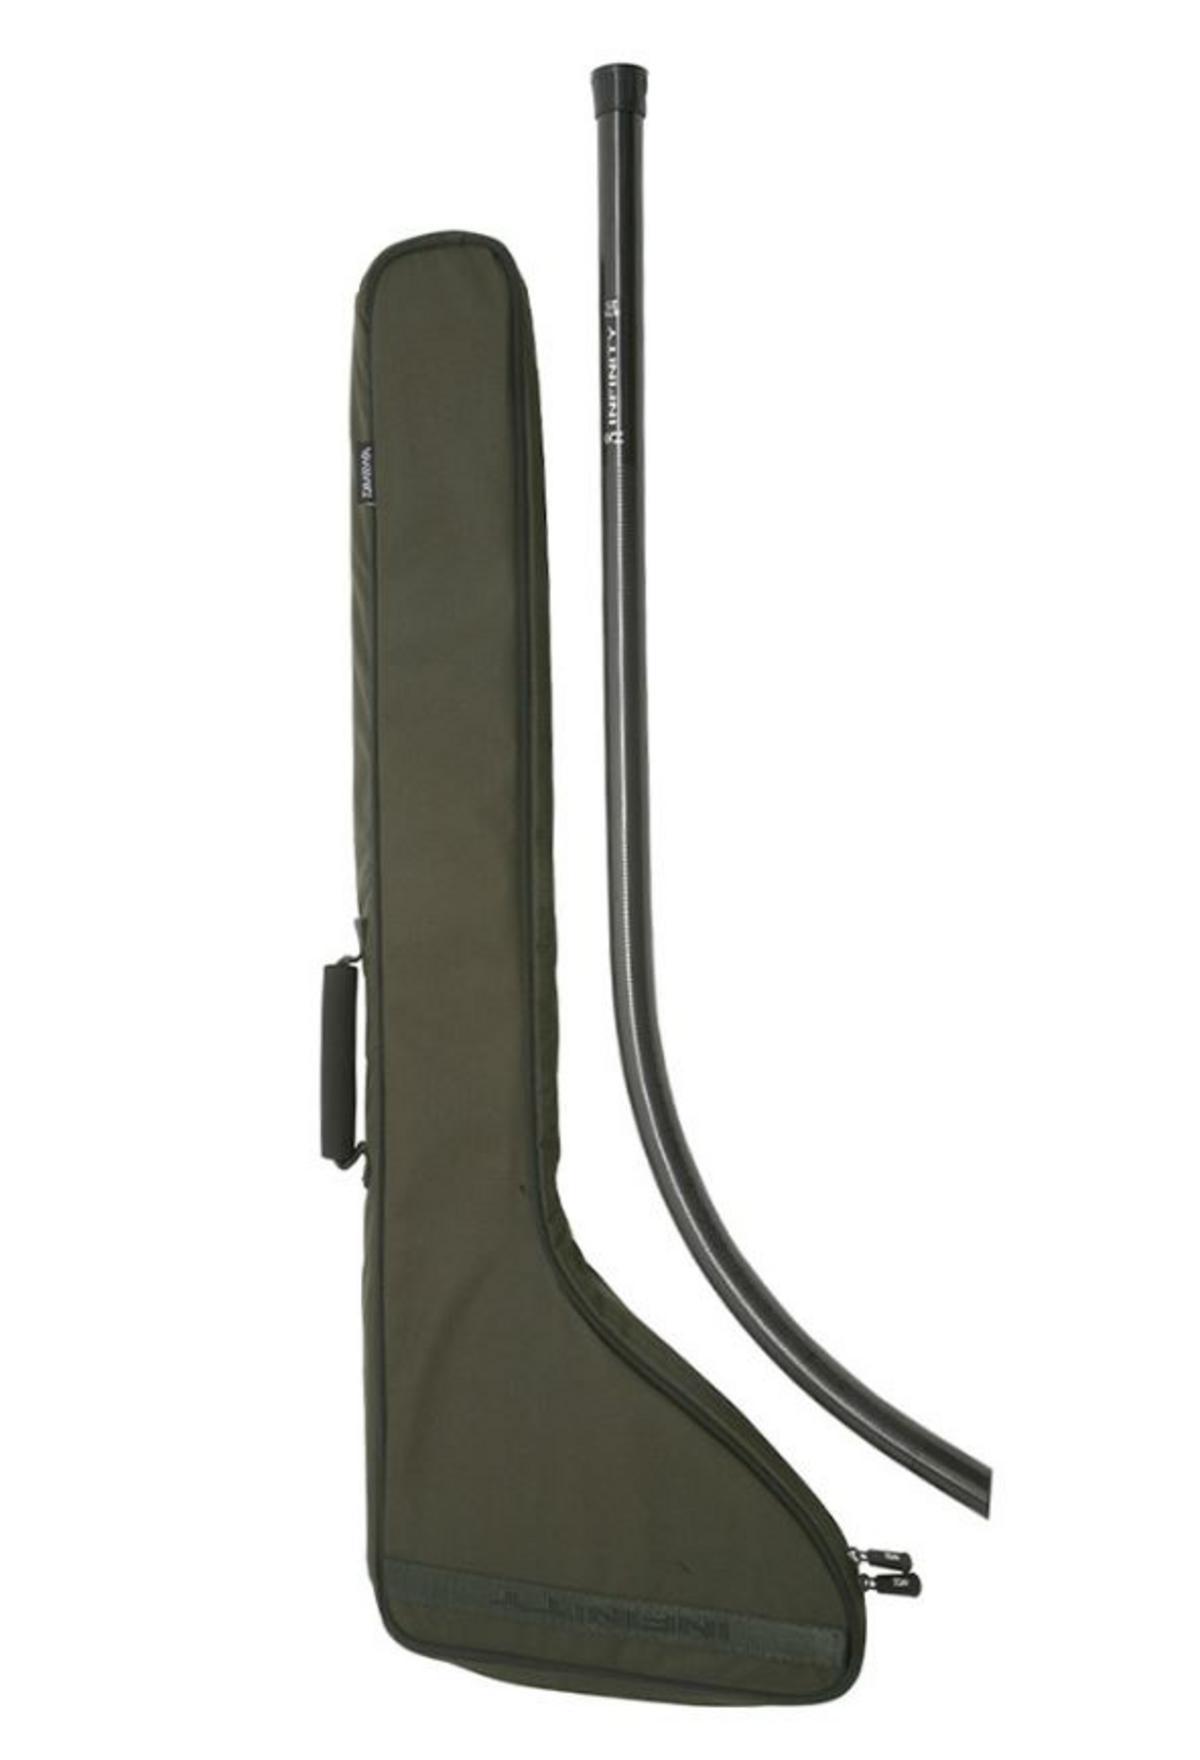 New Daiwa Infinity Evo Throwing Stick 25mm Model No. IETS25-AU